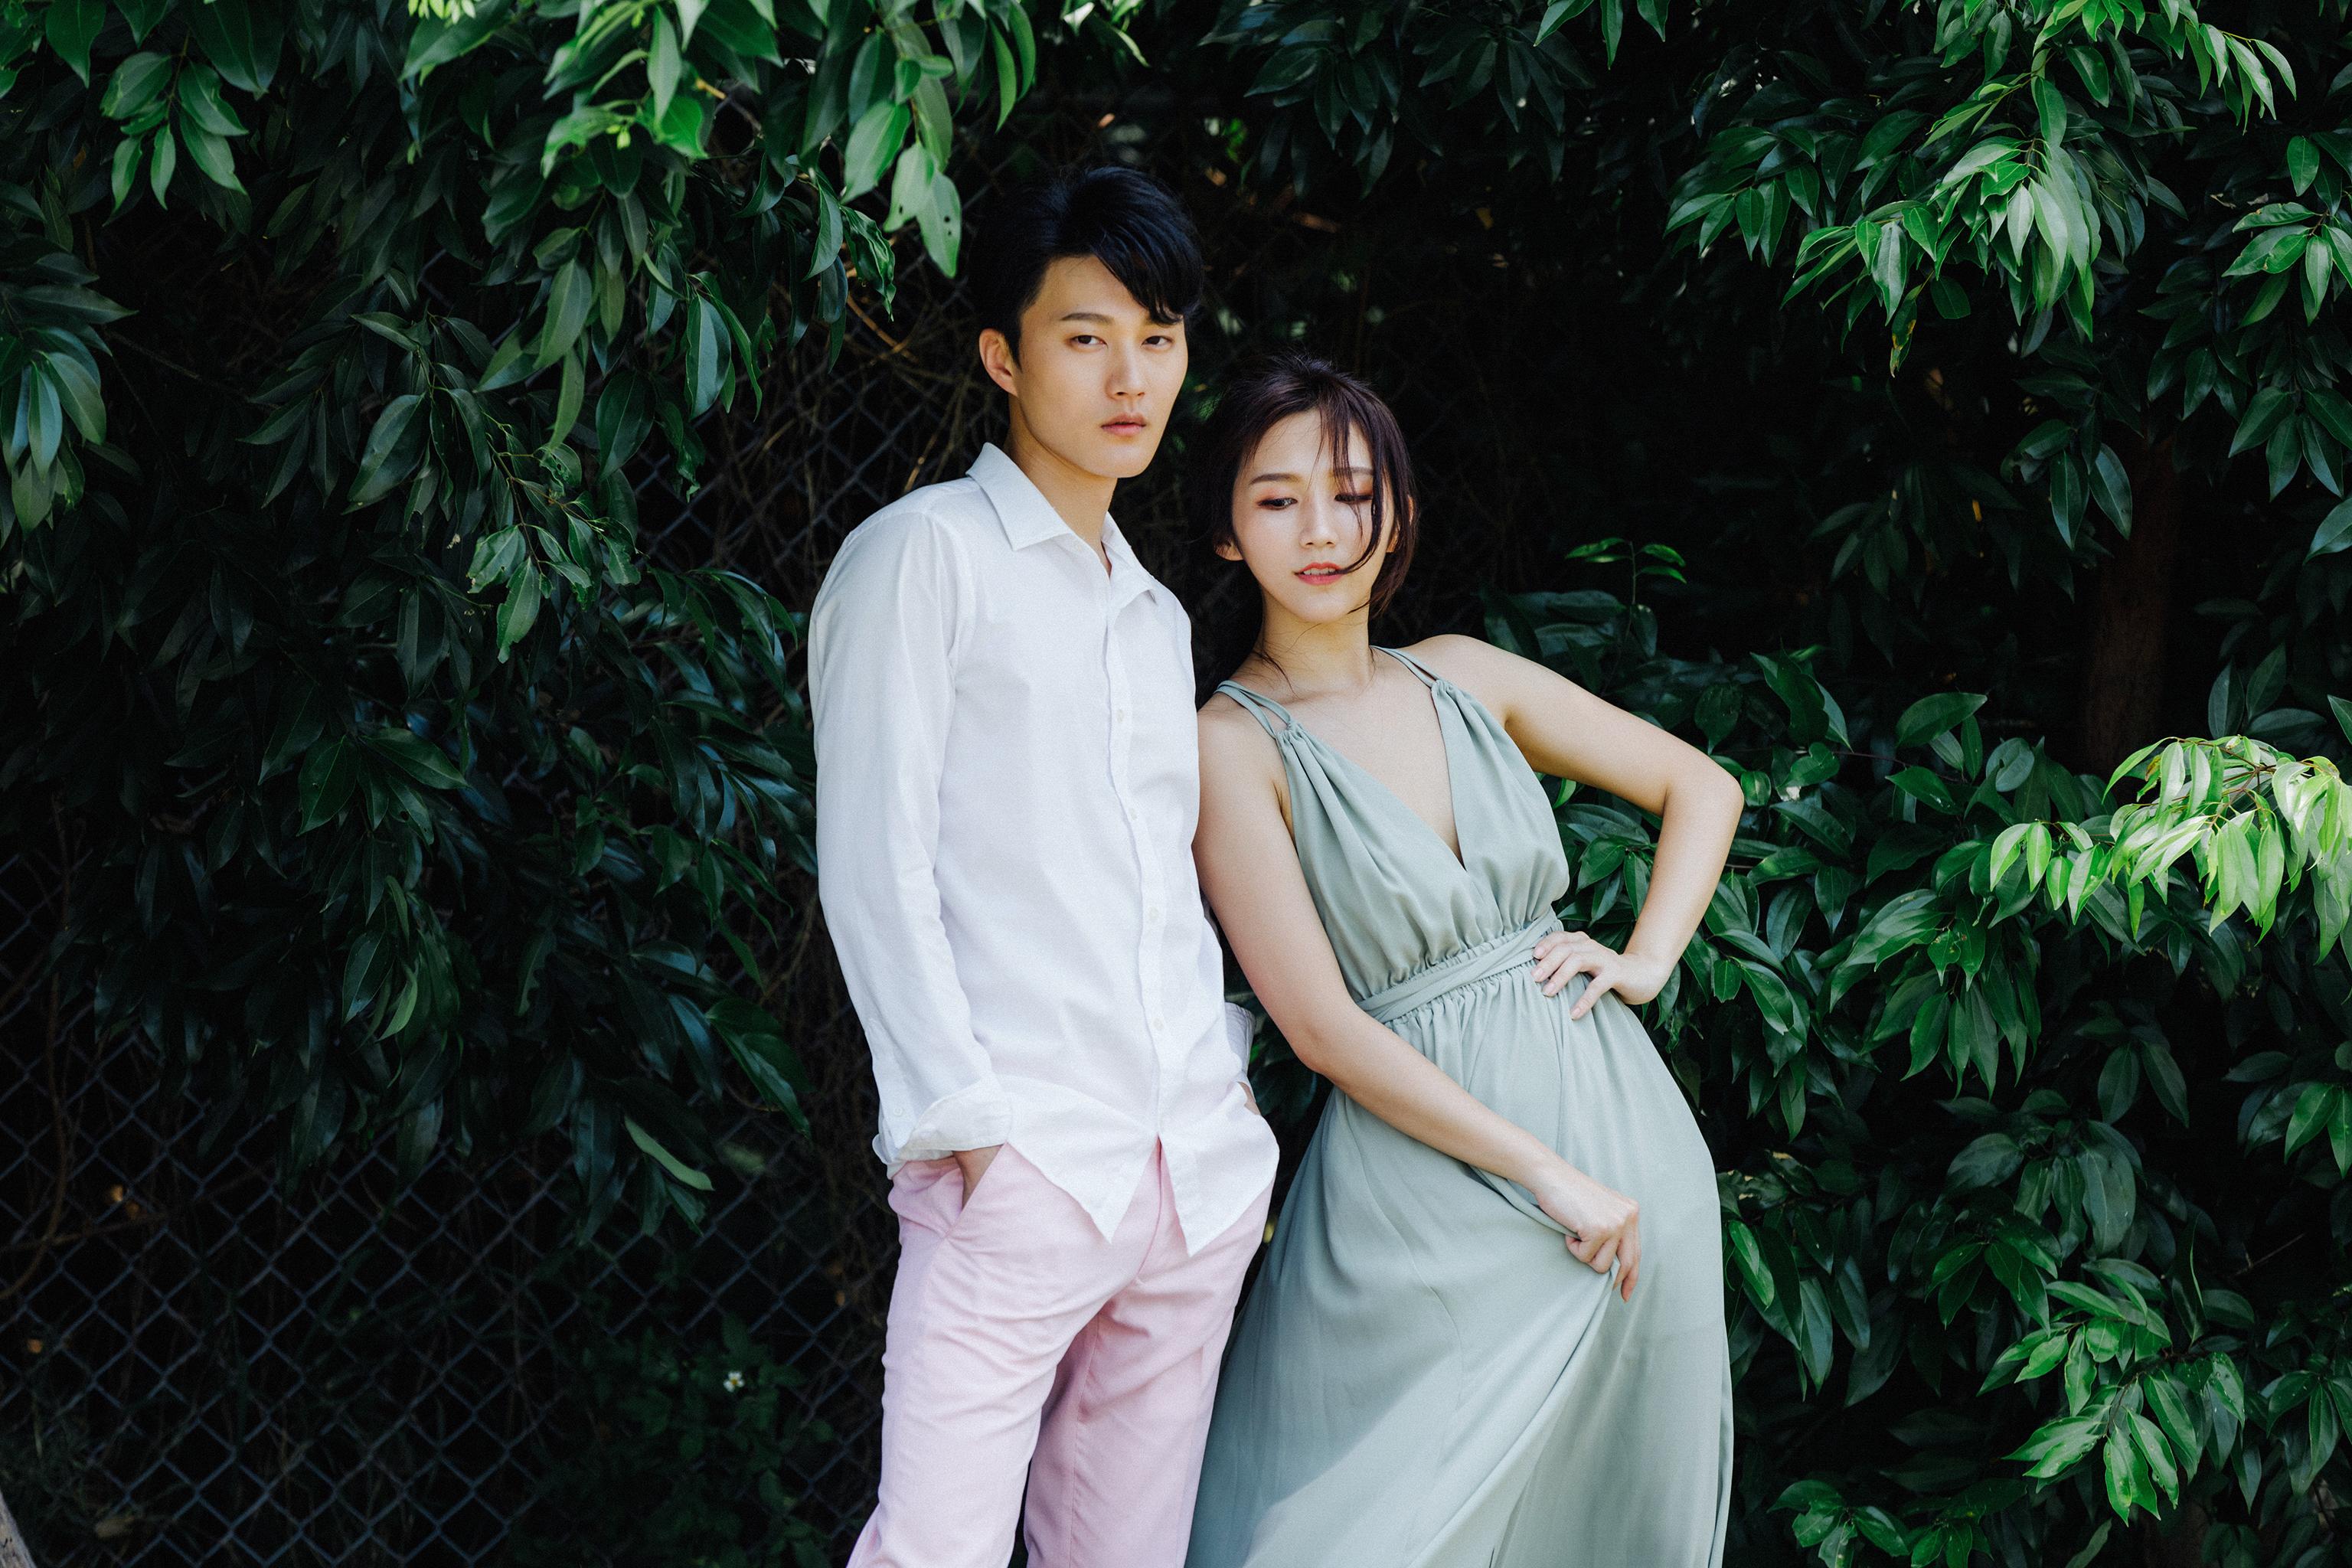 48592325637 7764ed2553 o - 【自主婚紗】+Ying&Wiwi+